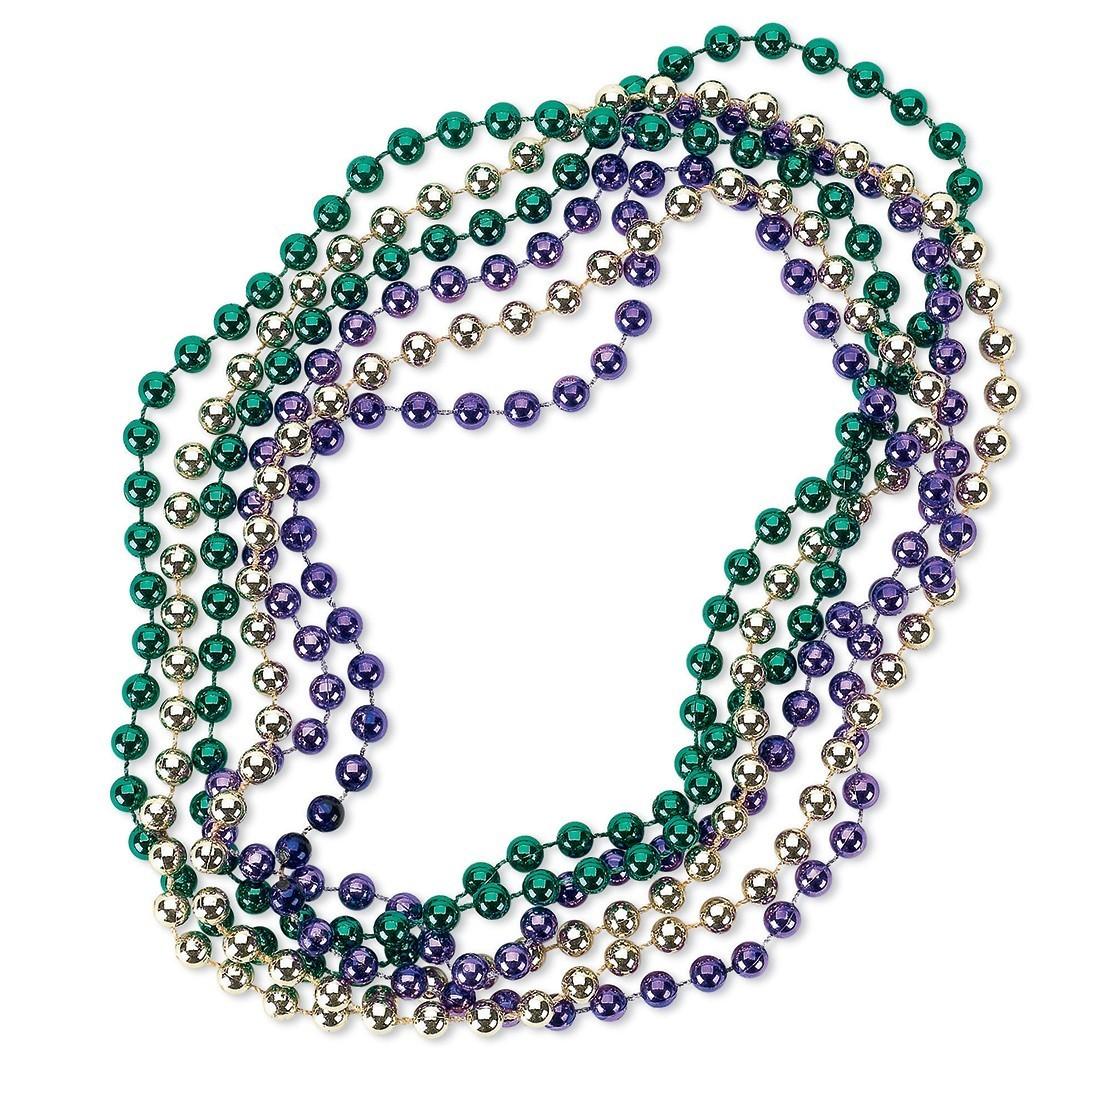 Mardi Gras Bead Necklaces [image]